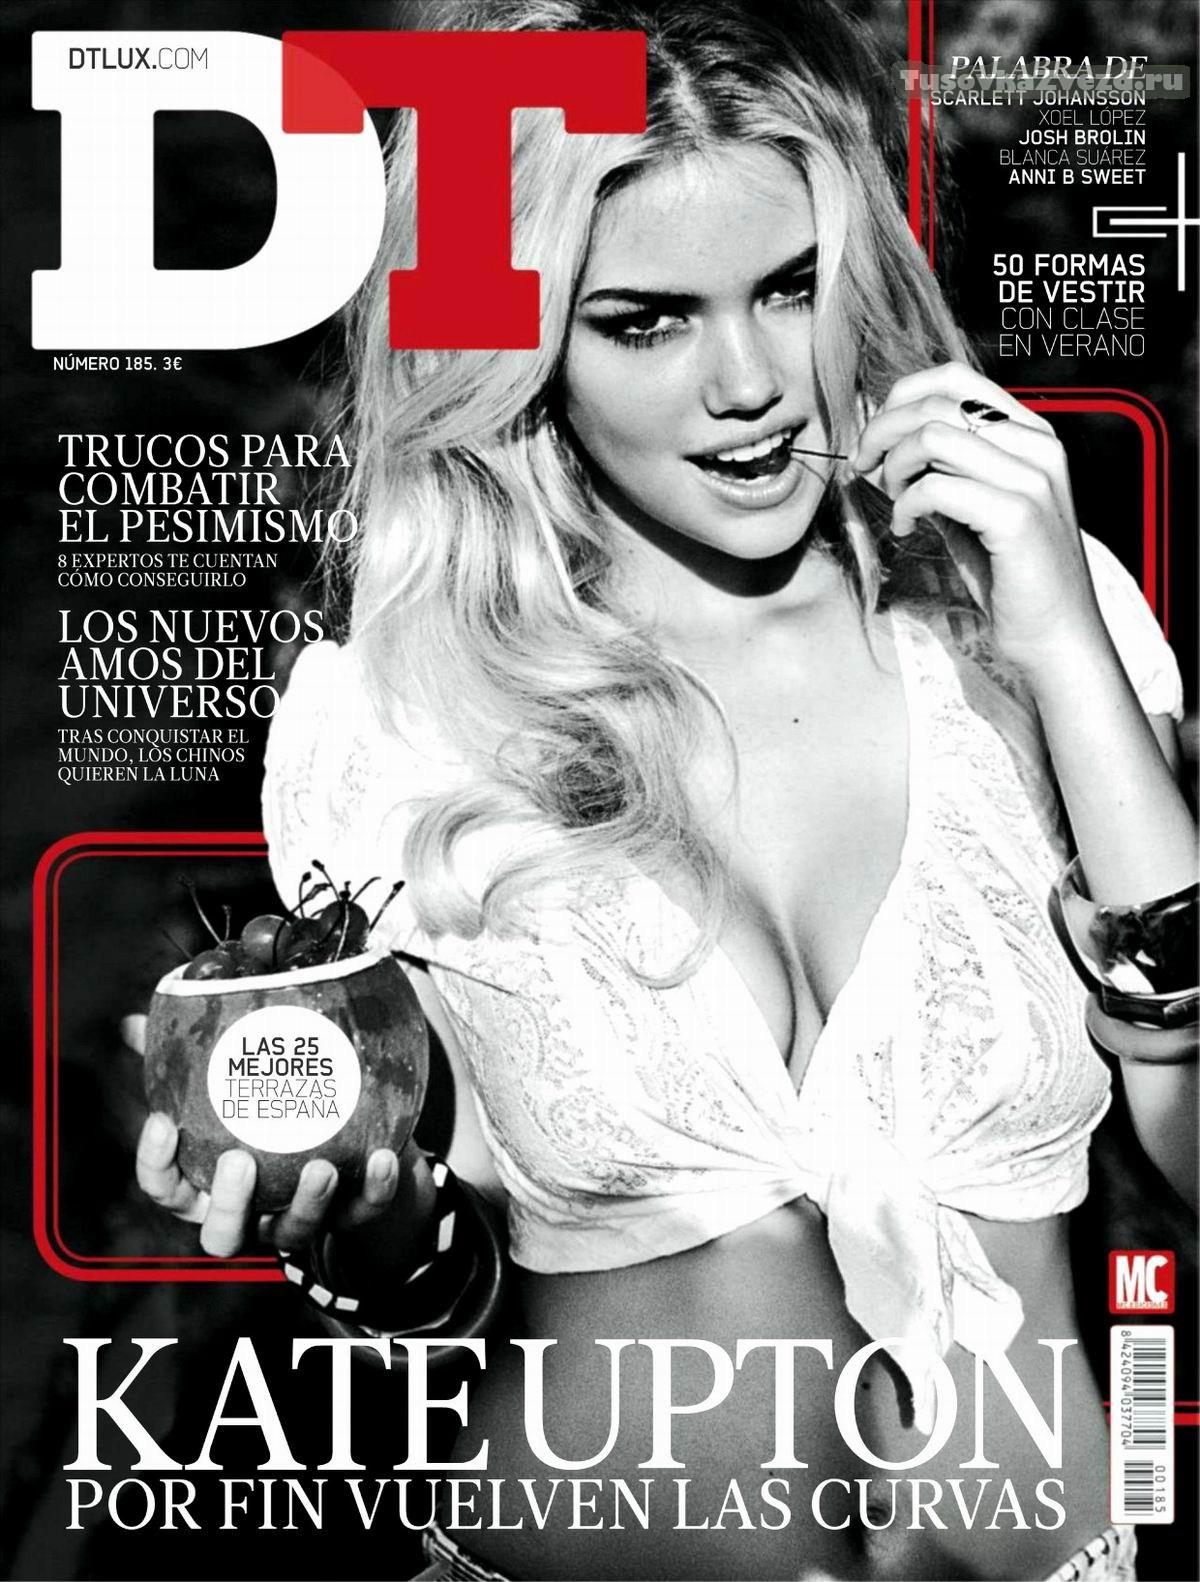 Кейт Аптон (Kate Upton) эротическая фото сессия для журнала DT Испания, май 2012